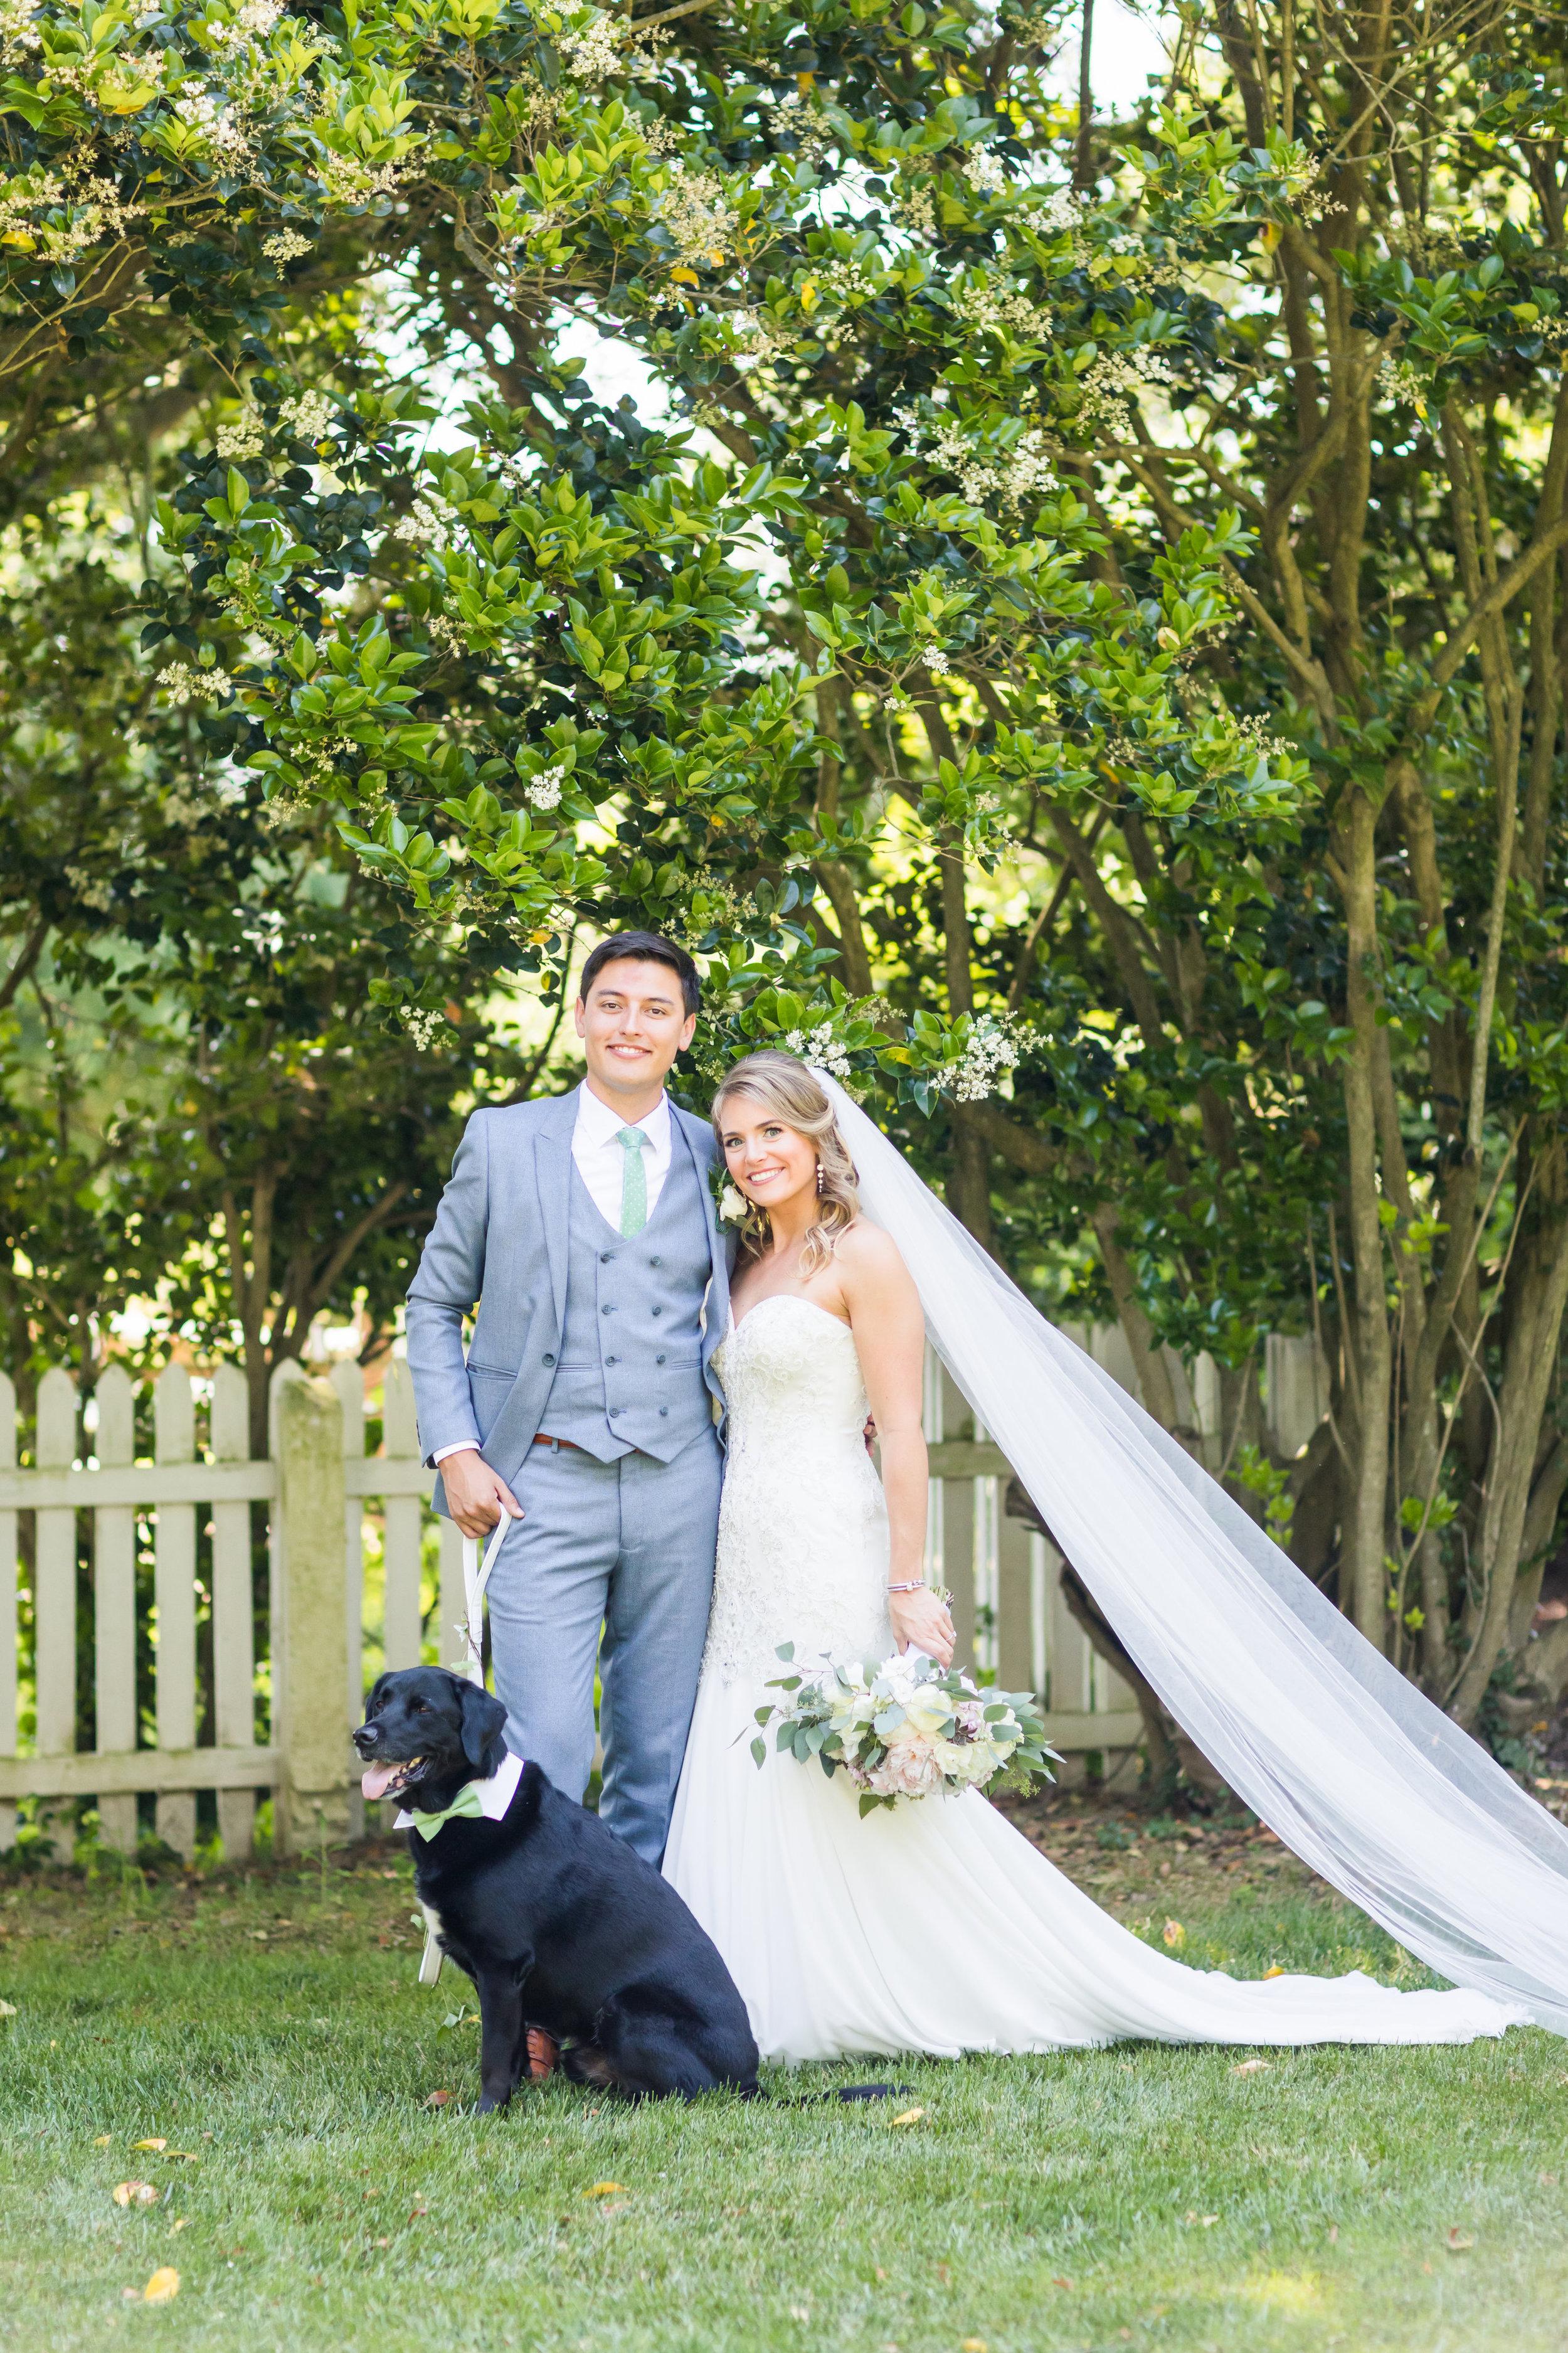 061017 DE Chelsea Clark + Fabio - Lauren Nievod Photography AS JE-0006.jpg